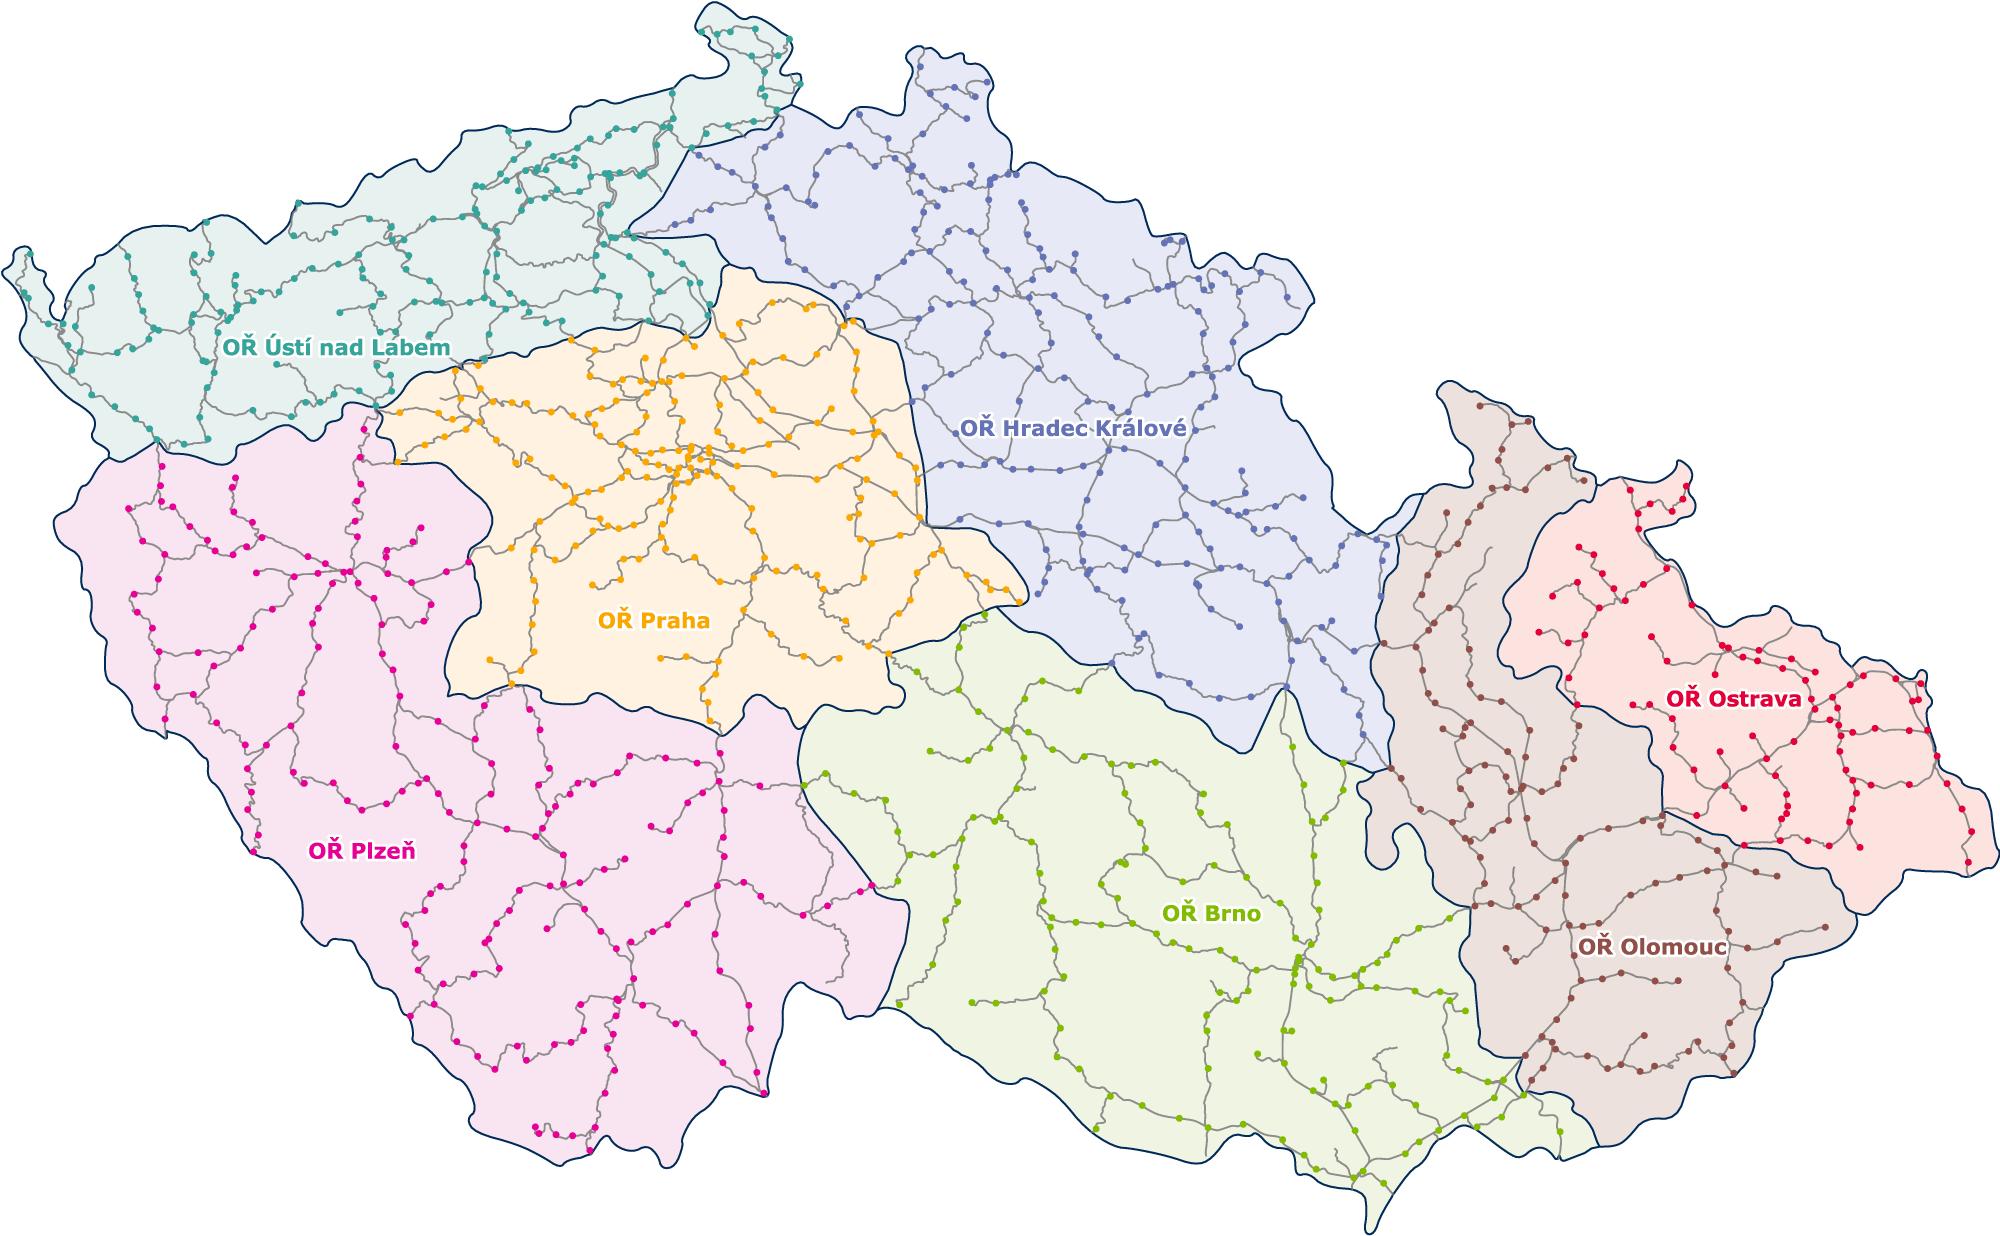 Mapa působnosti oblastních ředitelství Správy železnic